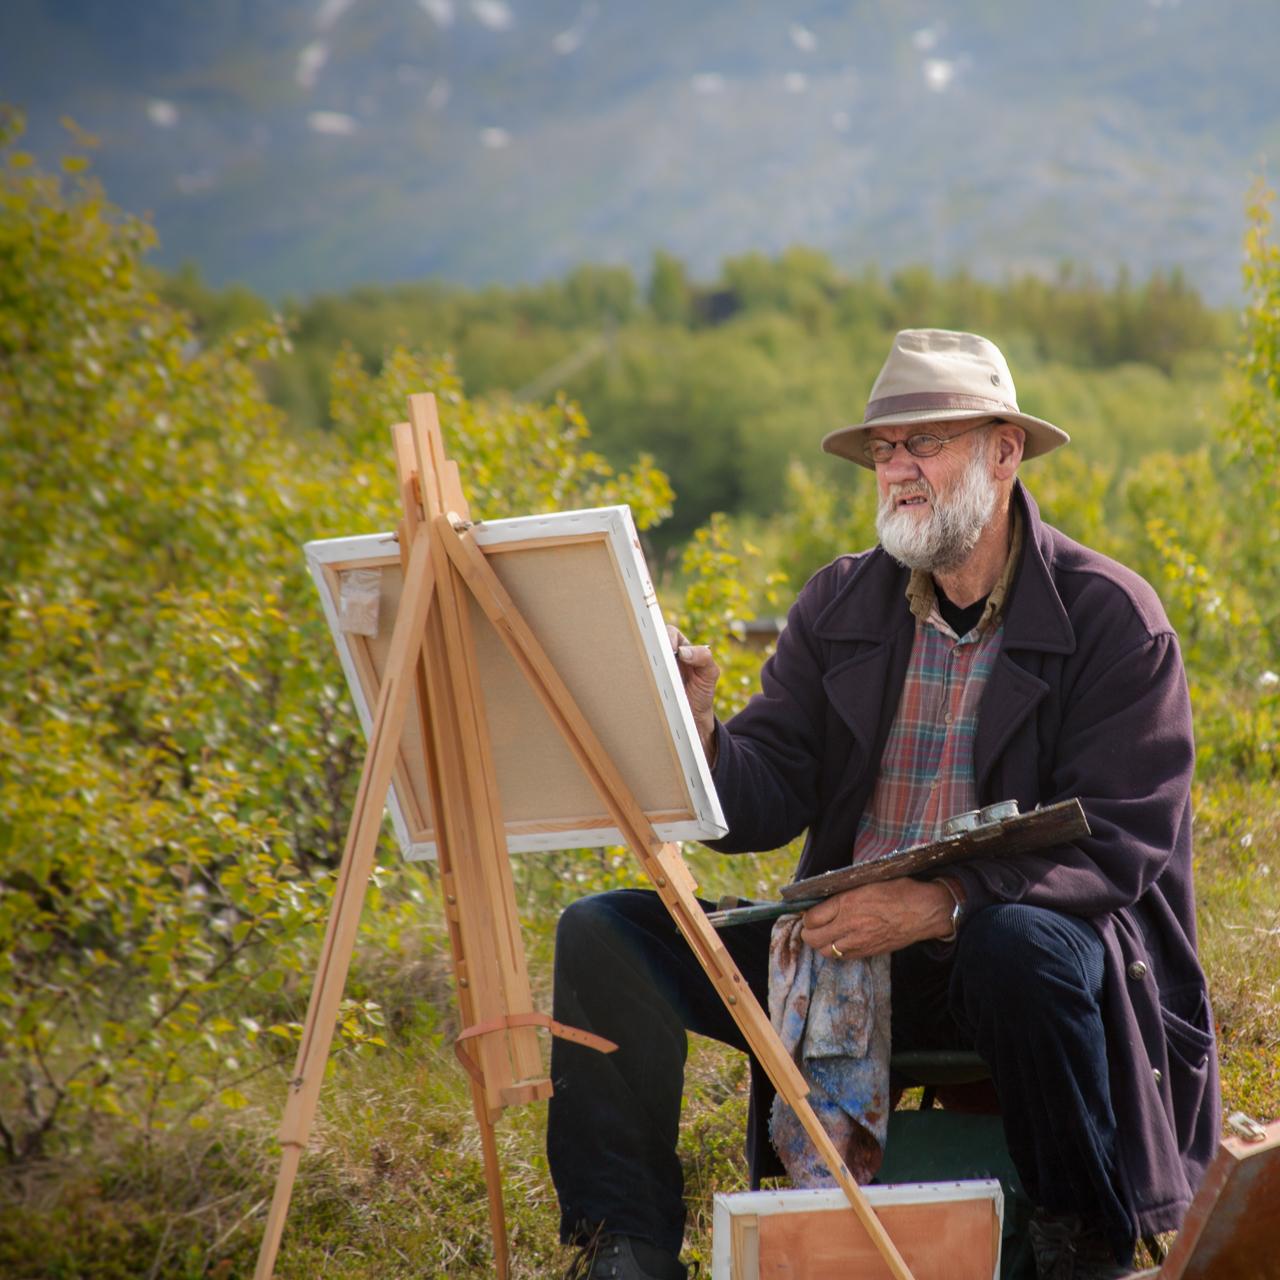 Karl Erik Harr auf Kjerringøy malt für Dreharbeiten zum Film Ins Innere Norwegens, kunstpunkt-bern.ch